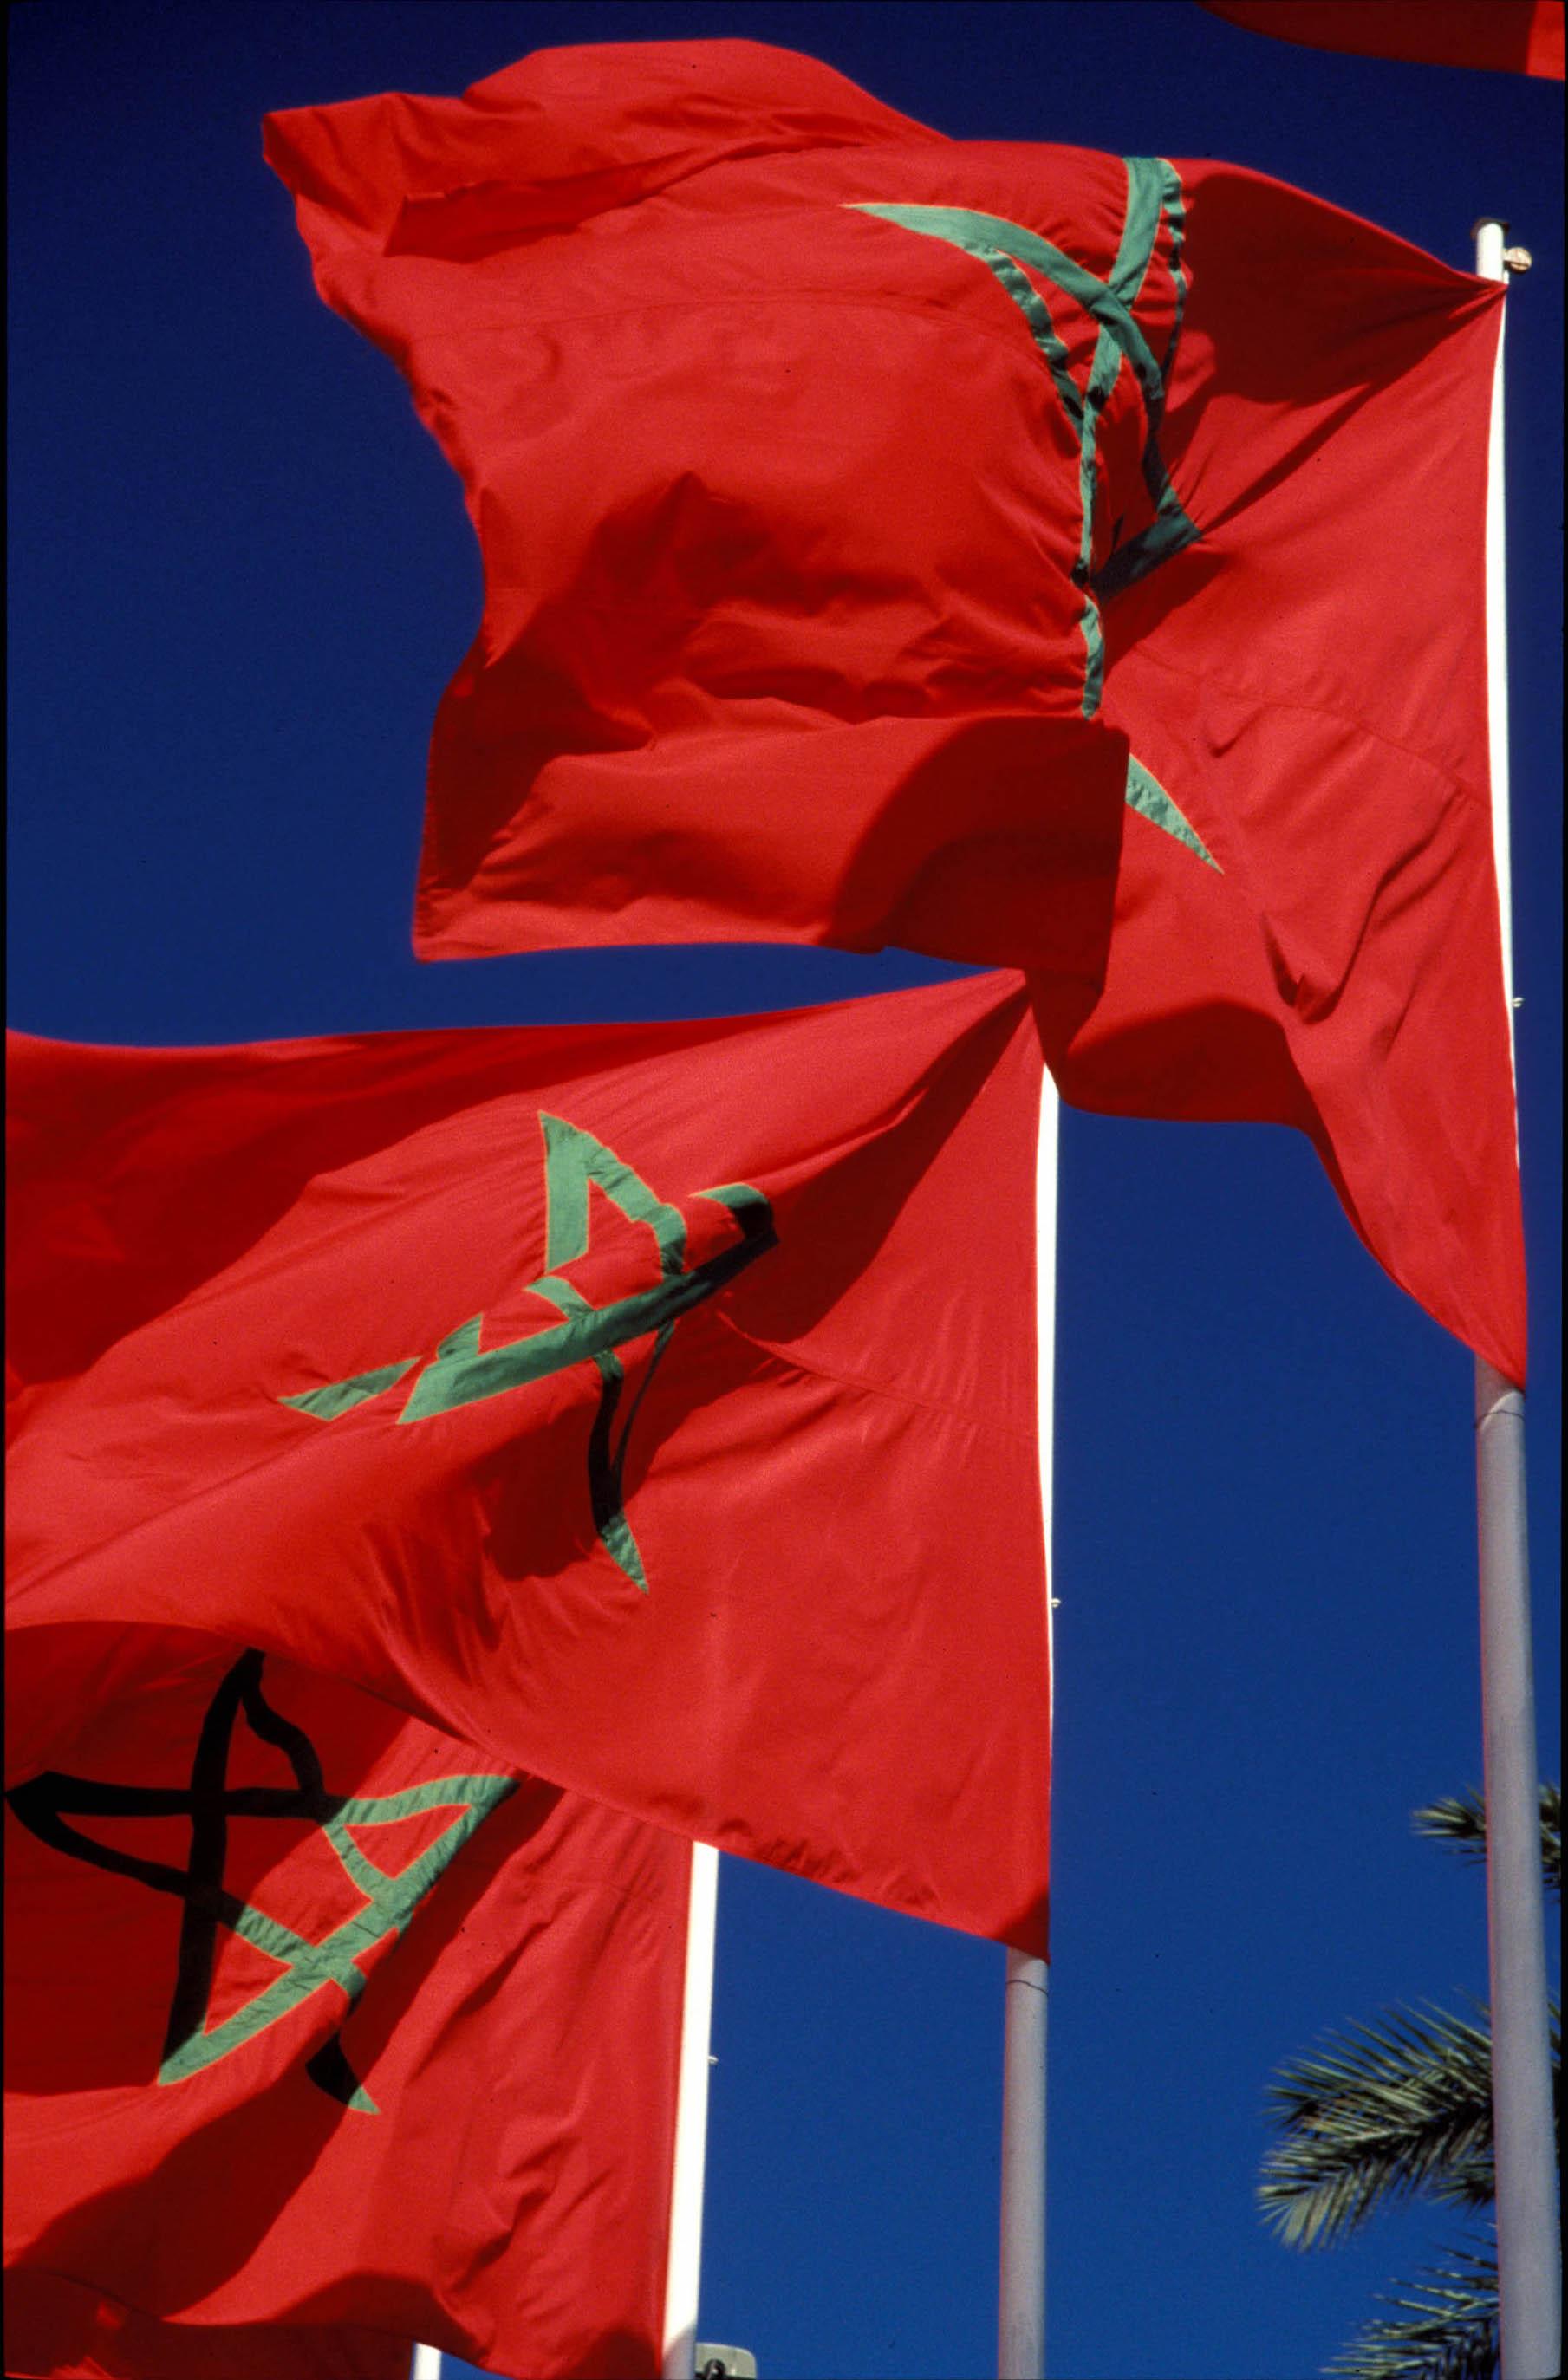 Morocco Marrakech flags